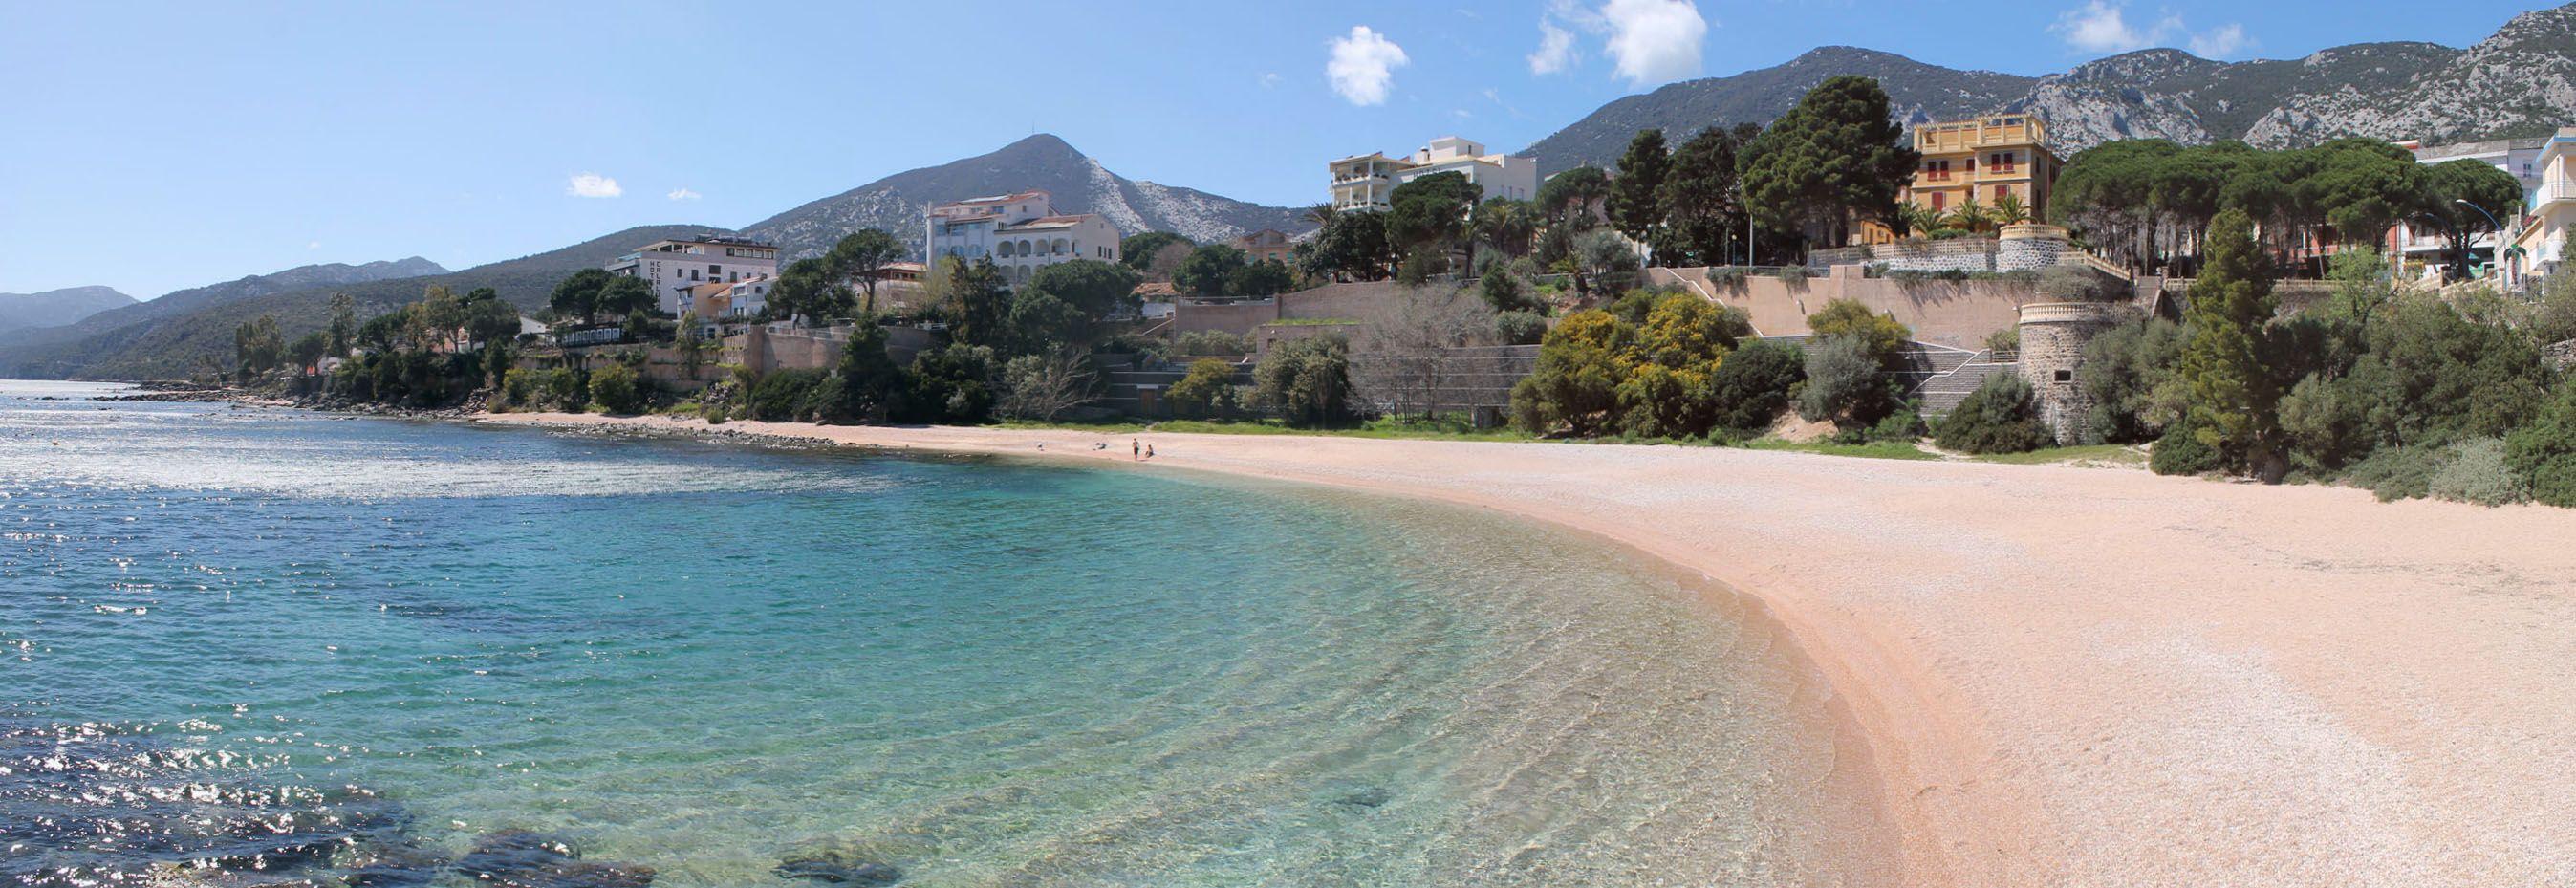 Spiaggia Centrale a Cala Gonone